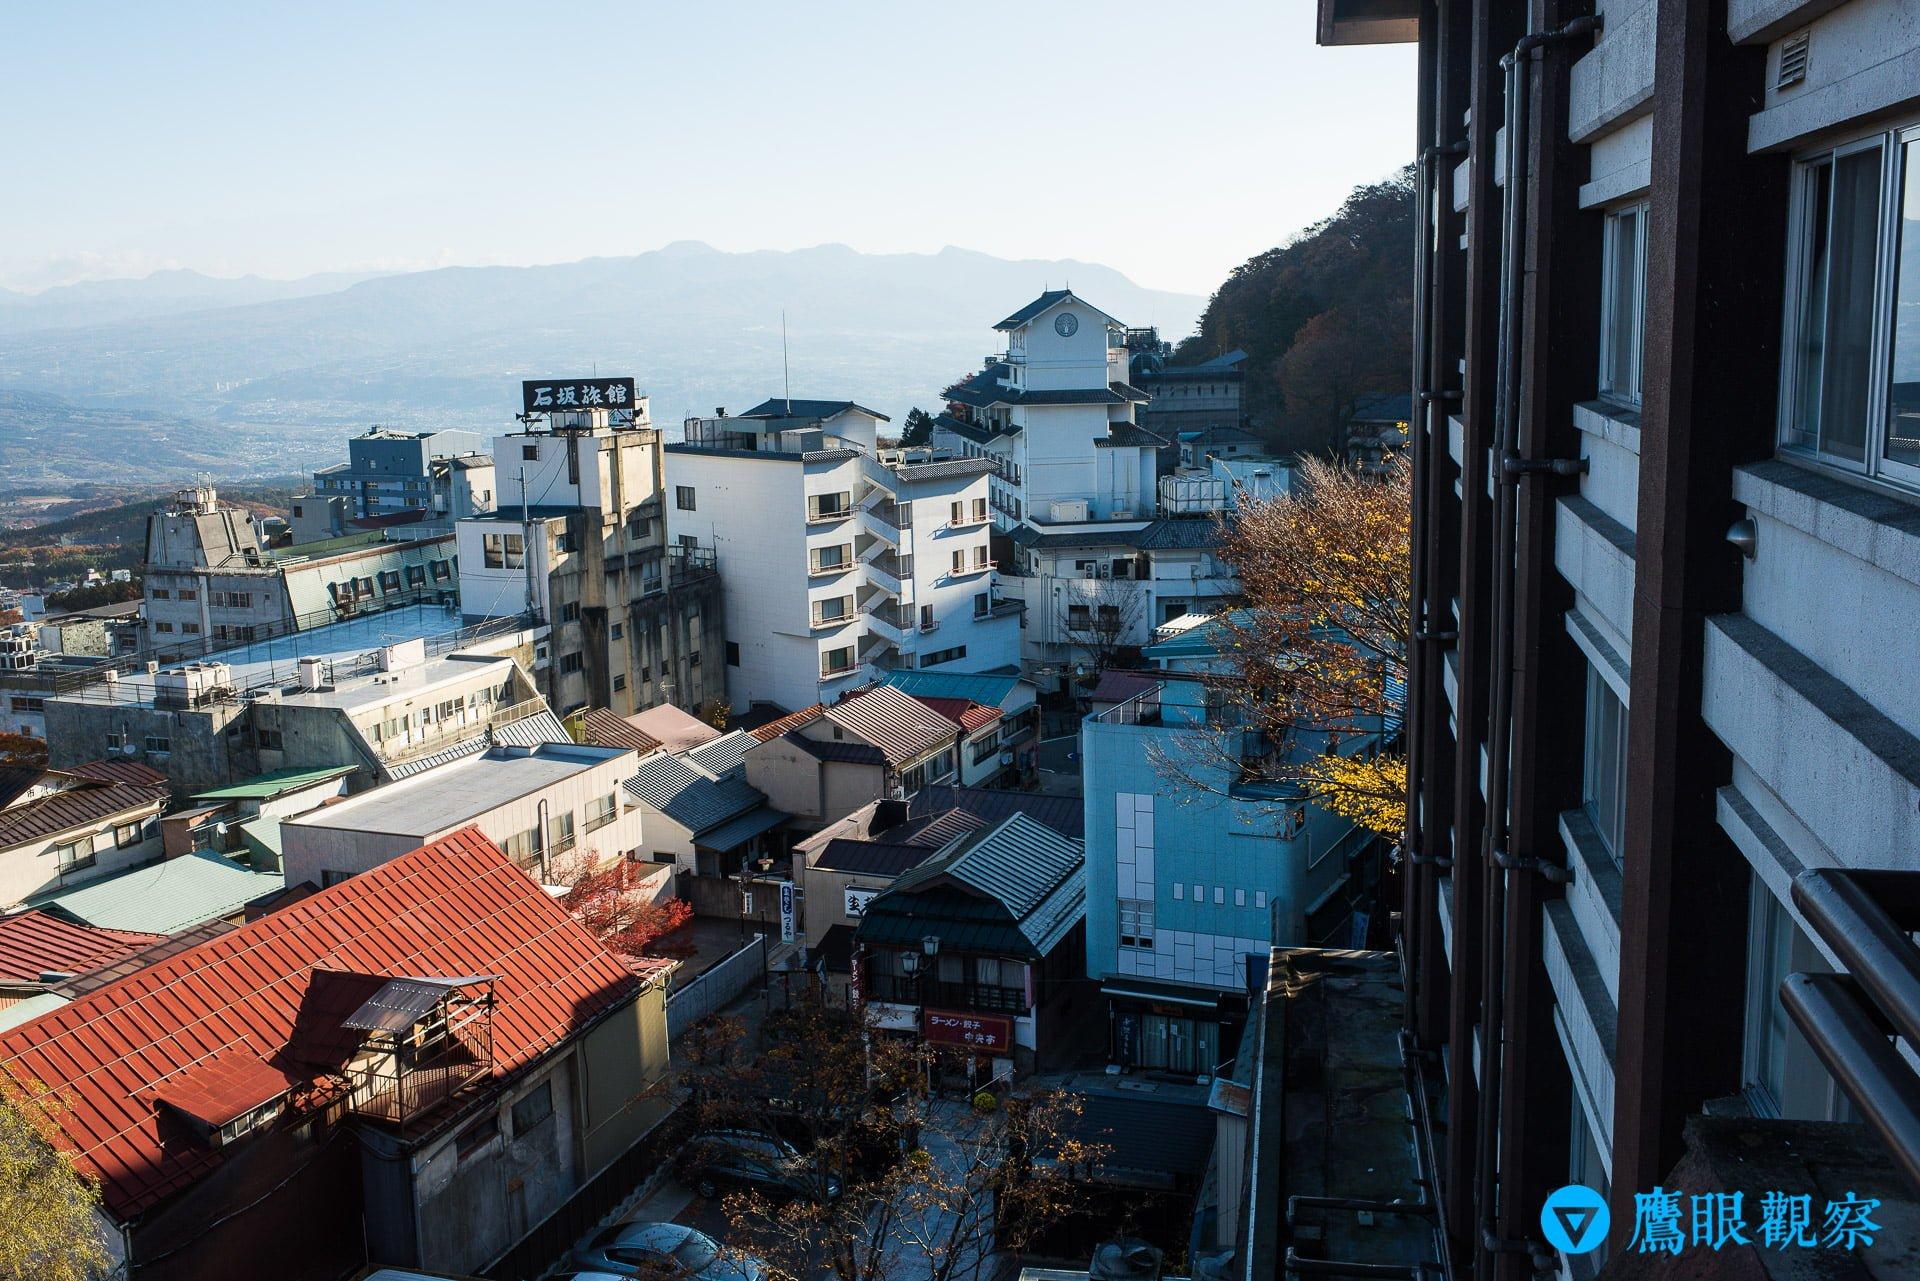 travel Japan gunma kishigon ryokan hotel in izumo spa hot spring 69 群馬縣伊香保溫泉「岸權旅館」日本旅館住宿推薦